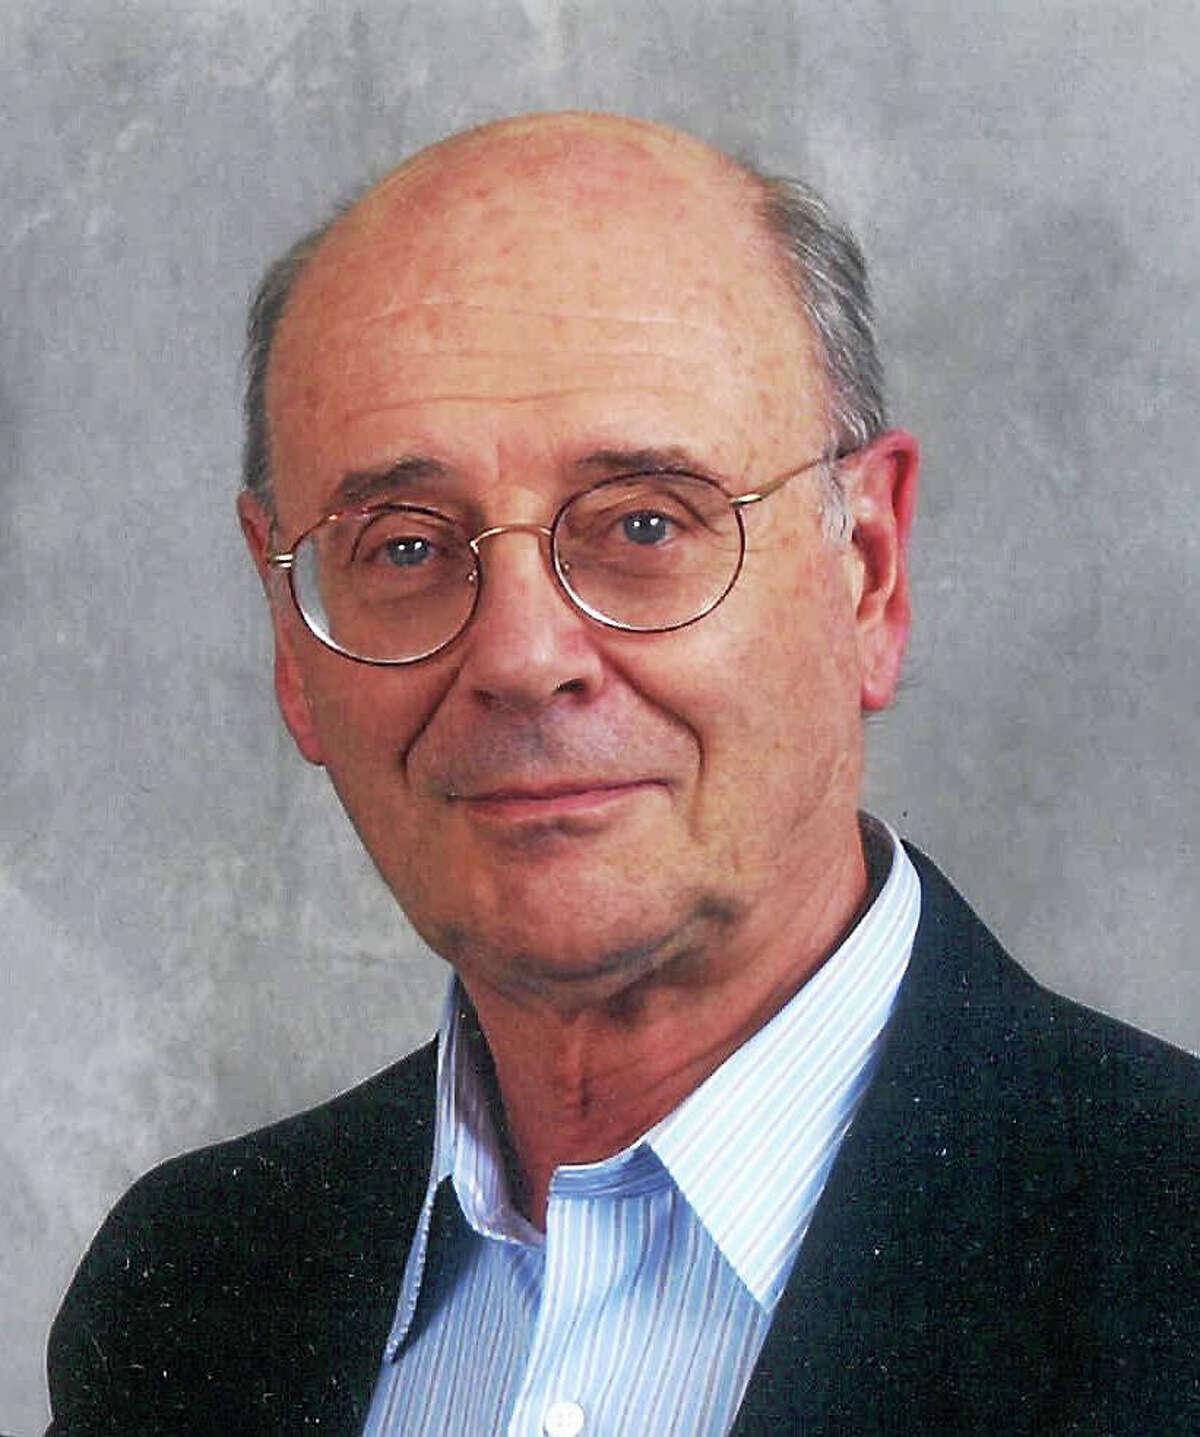 John Esty